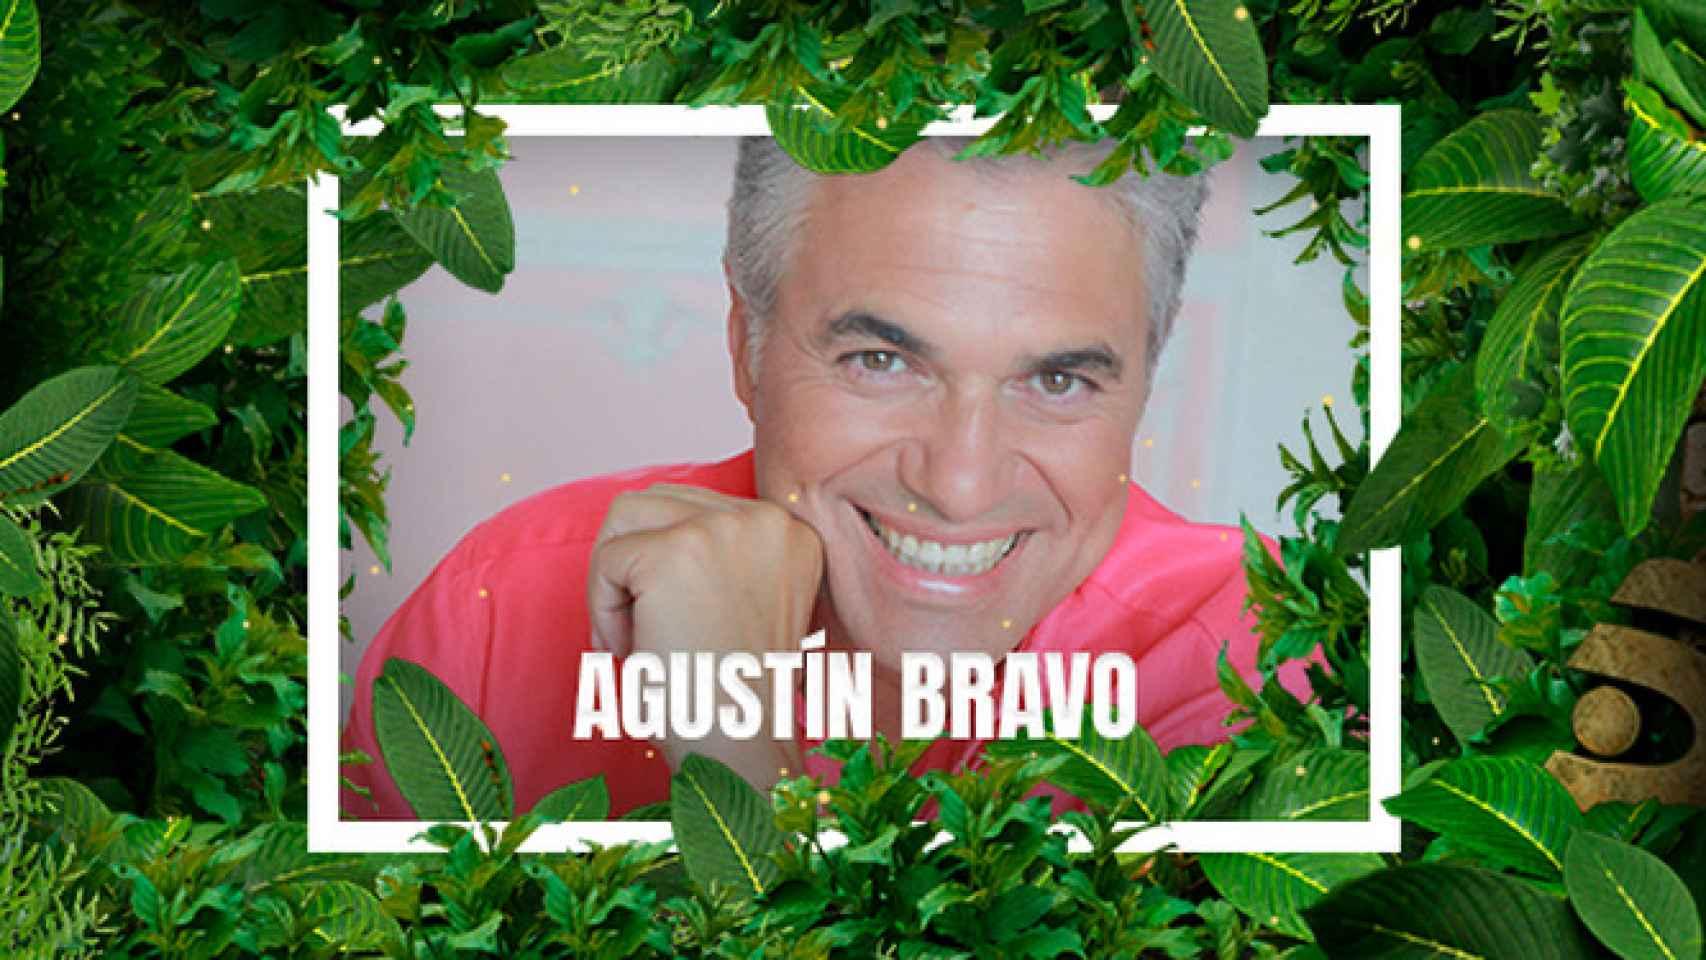 Agustín Bravo es uno de los concursantes confirmados de 'Supervivientes 2021'.